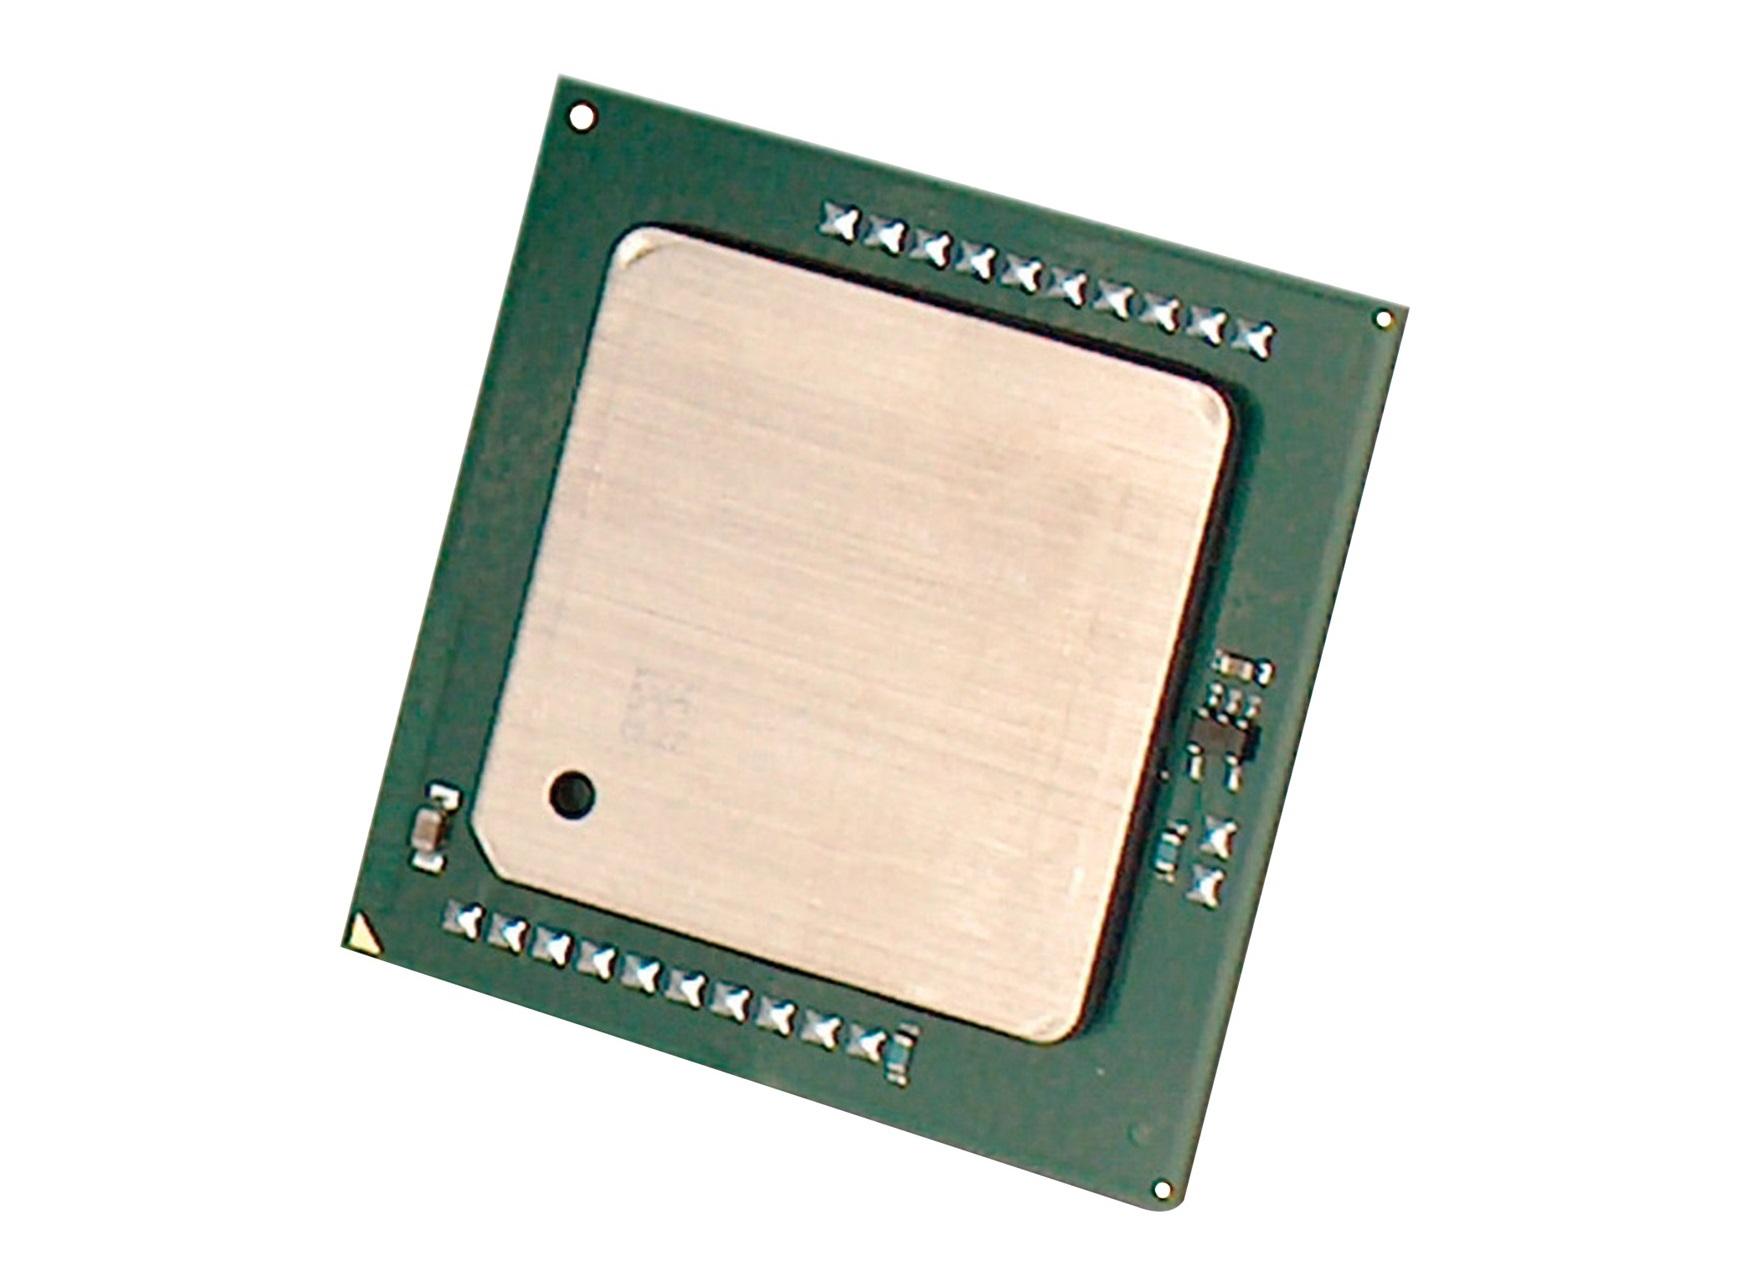 Hewlett Packard Enterprise Xeon E5-2650 v4 DL380 Gen9 Kit 2.2GHz 30MB Smart Cache processor